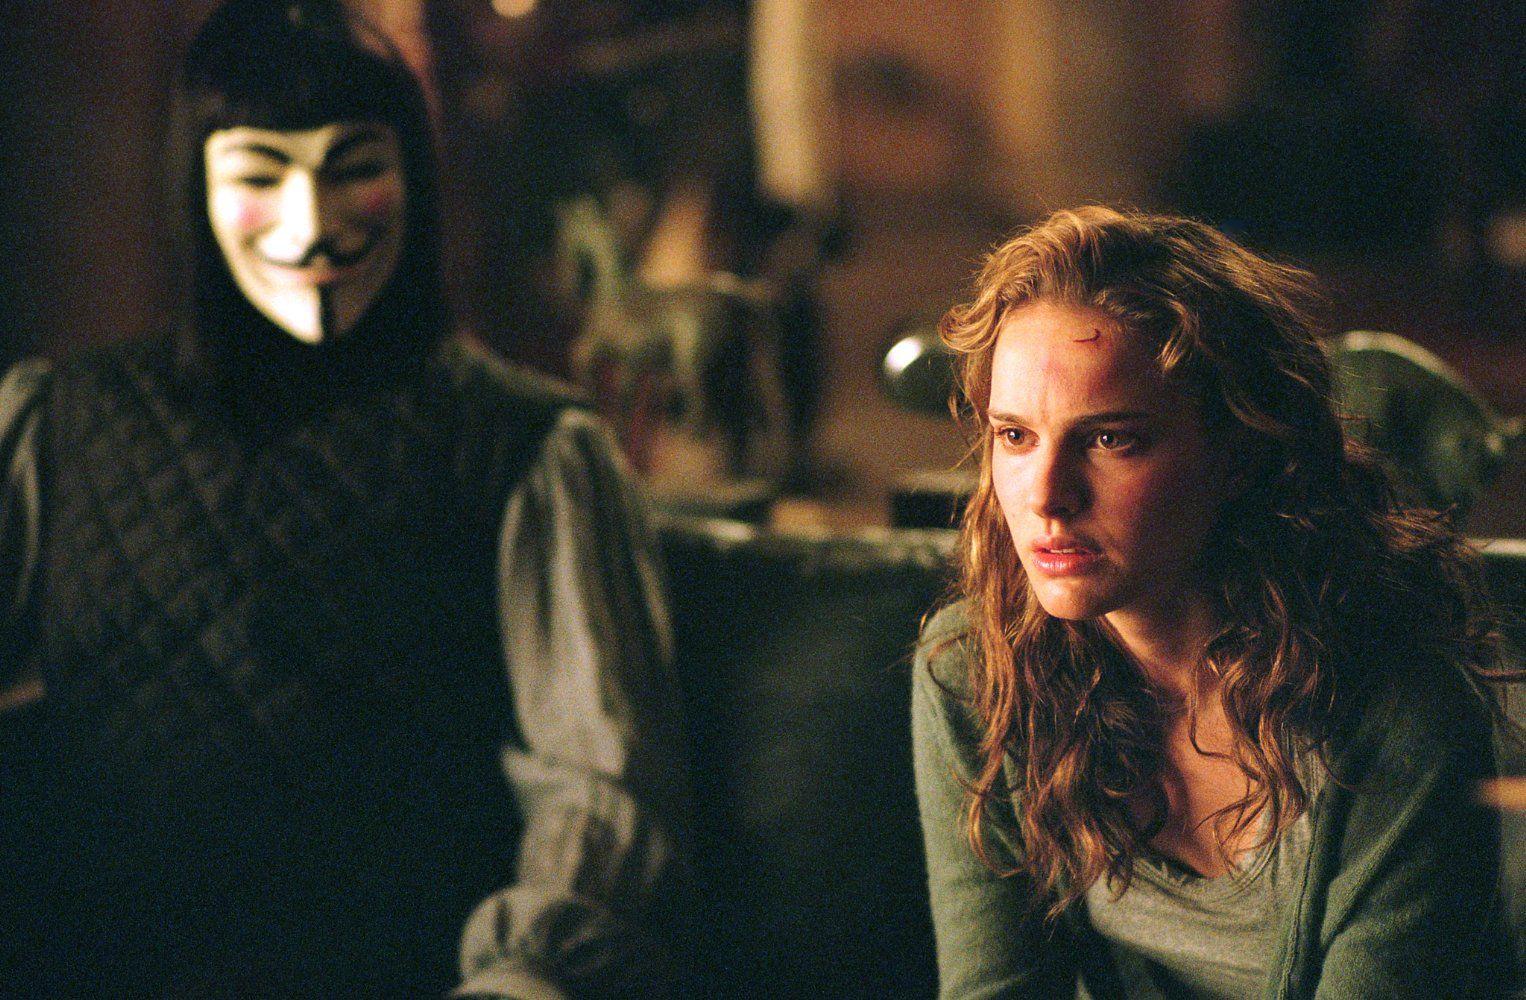 V For Vendetta 2005 V For Vendetta Movie V For Vendetta 2005 V For Vendetta